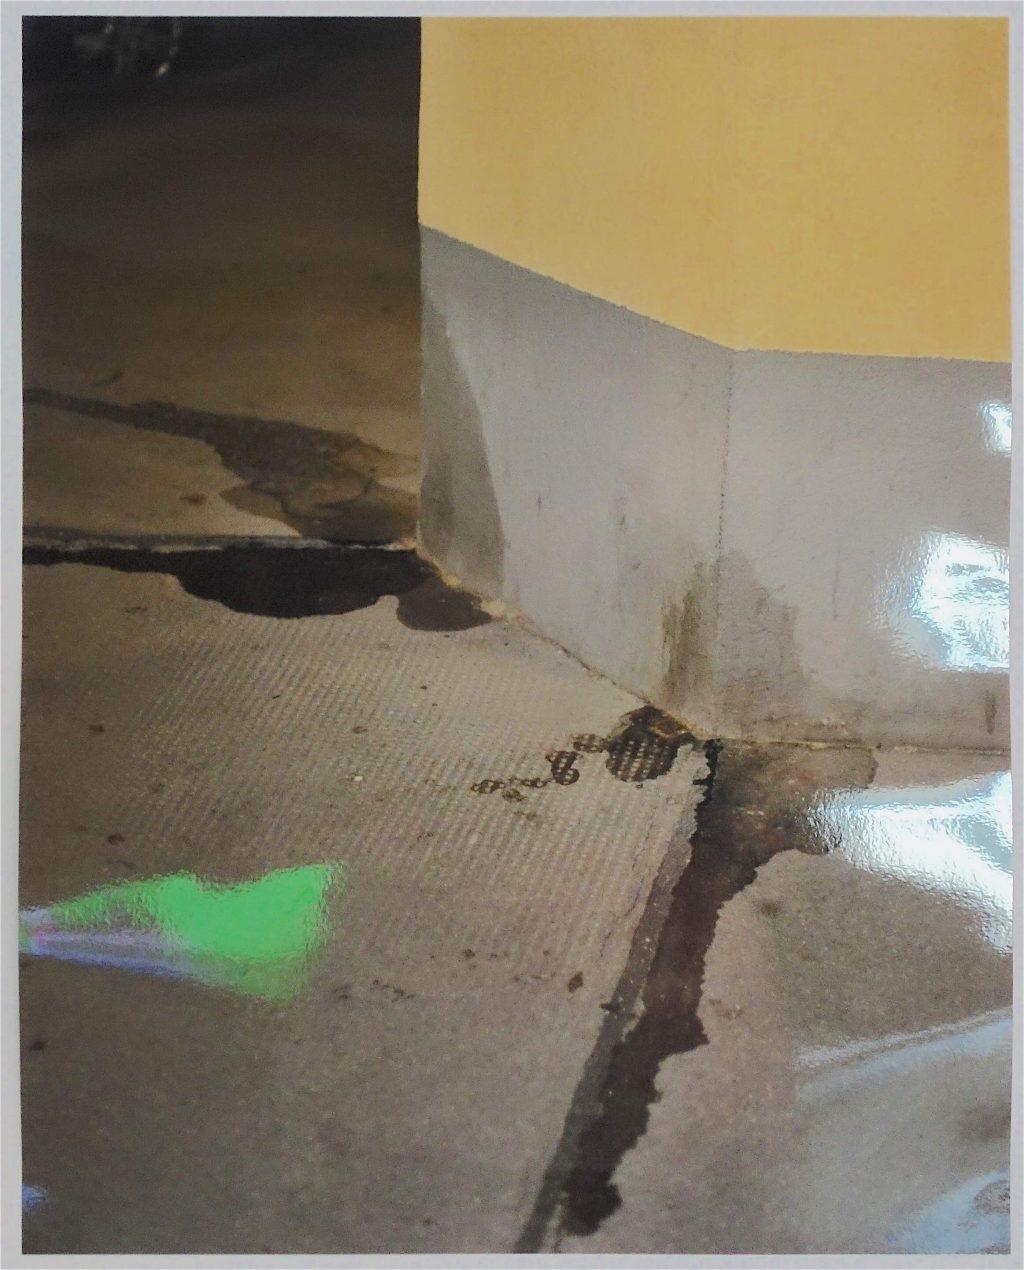 """丹羽良徳 NIWA Yoshinori """"Manifesting Pee"""" 小便をマニフェストする 2019 Lambda Print, Edition work"""